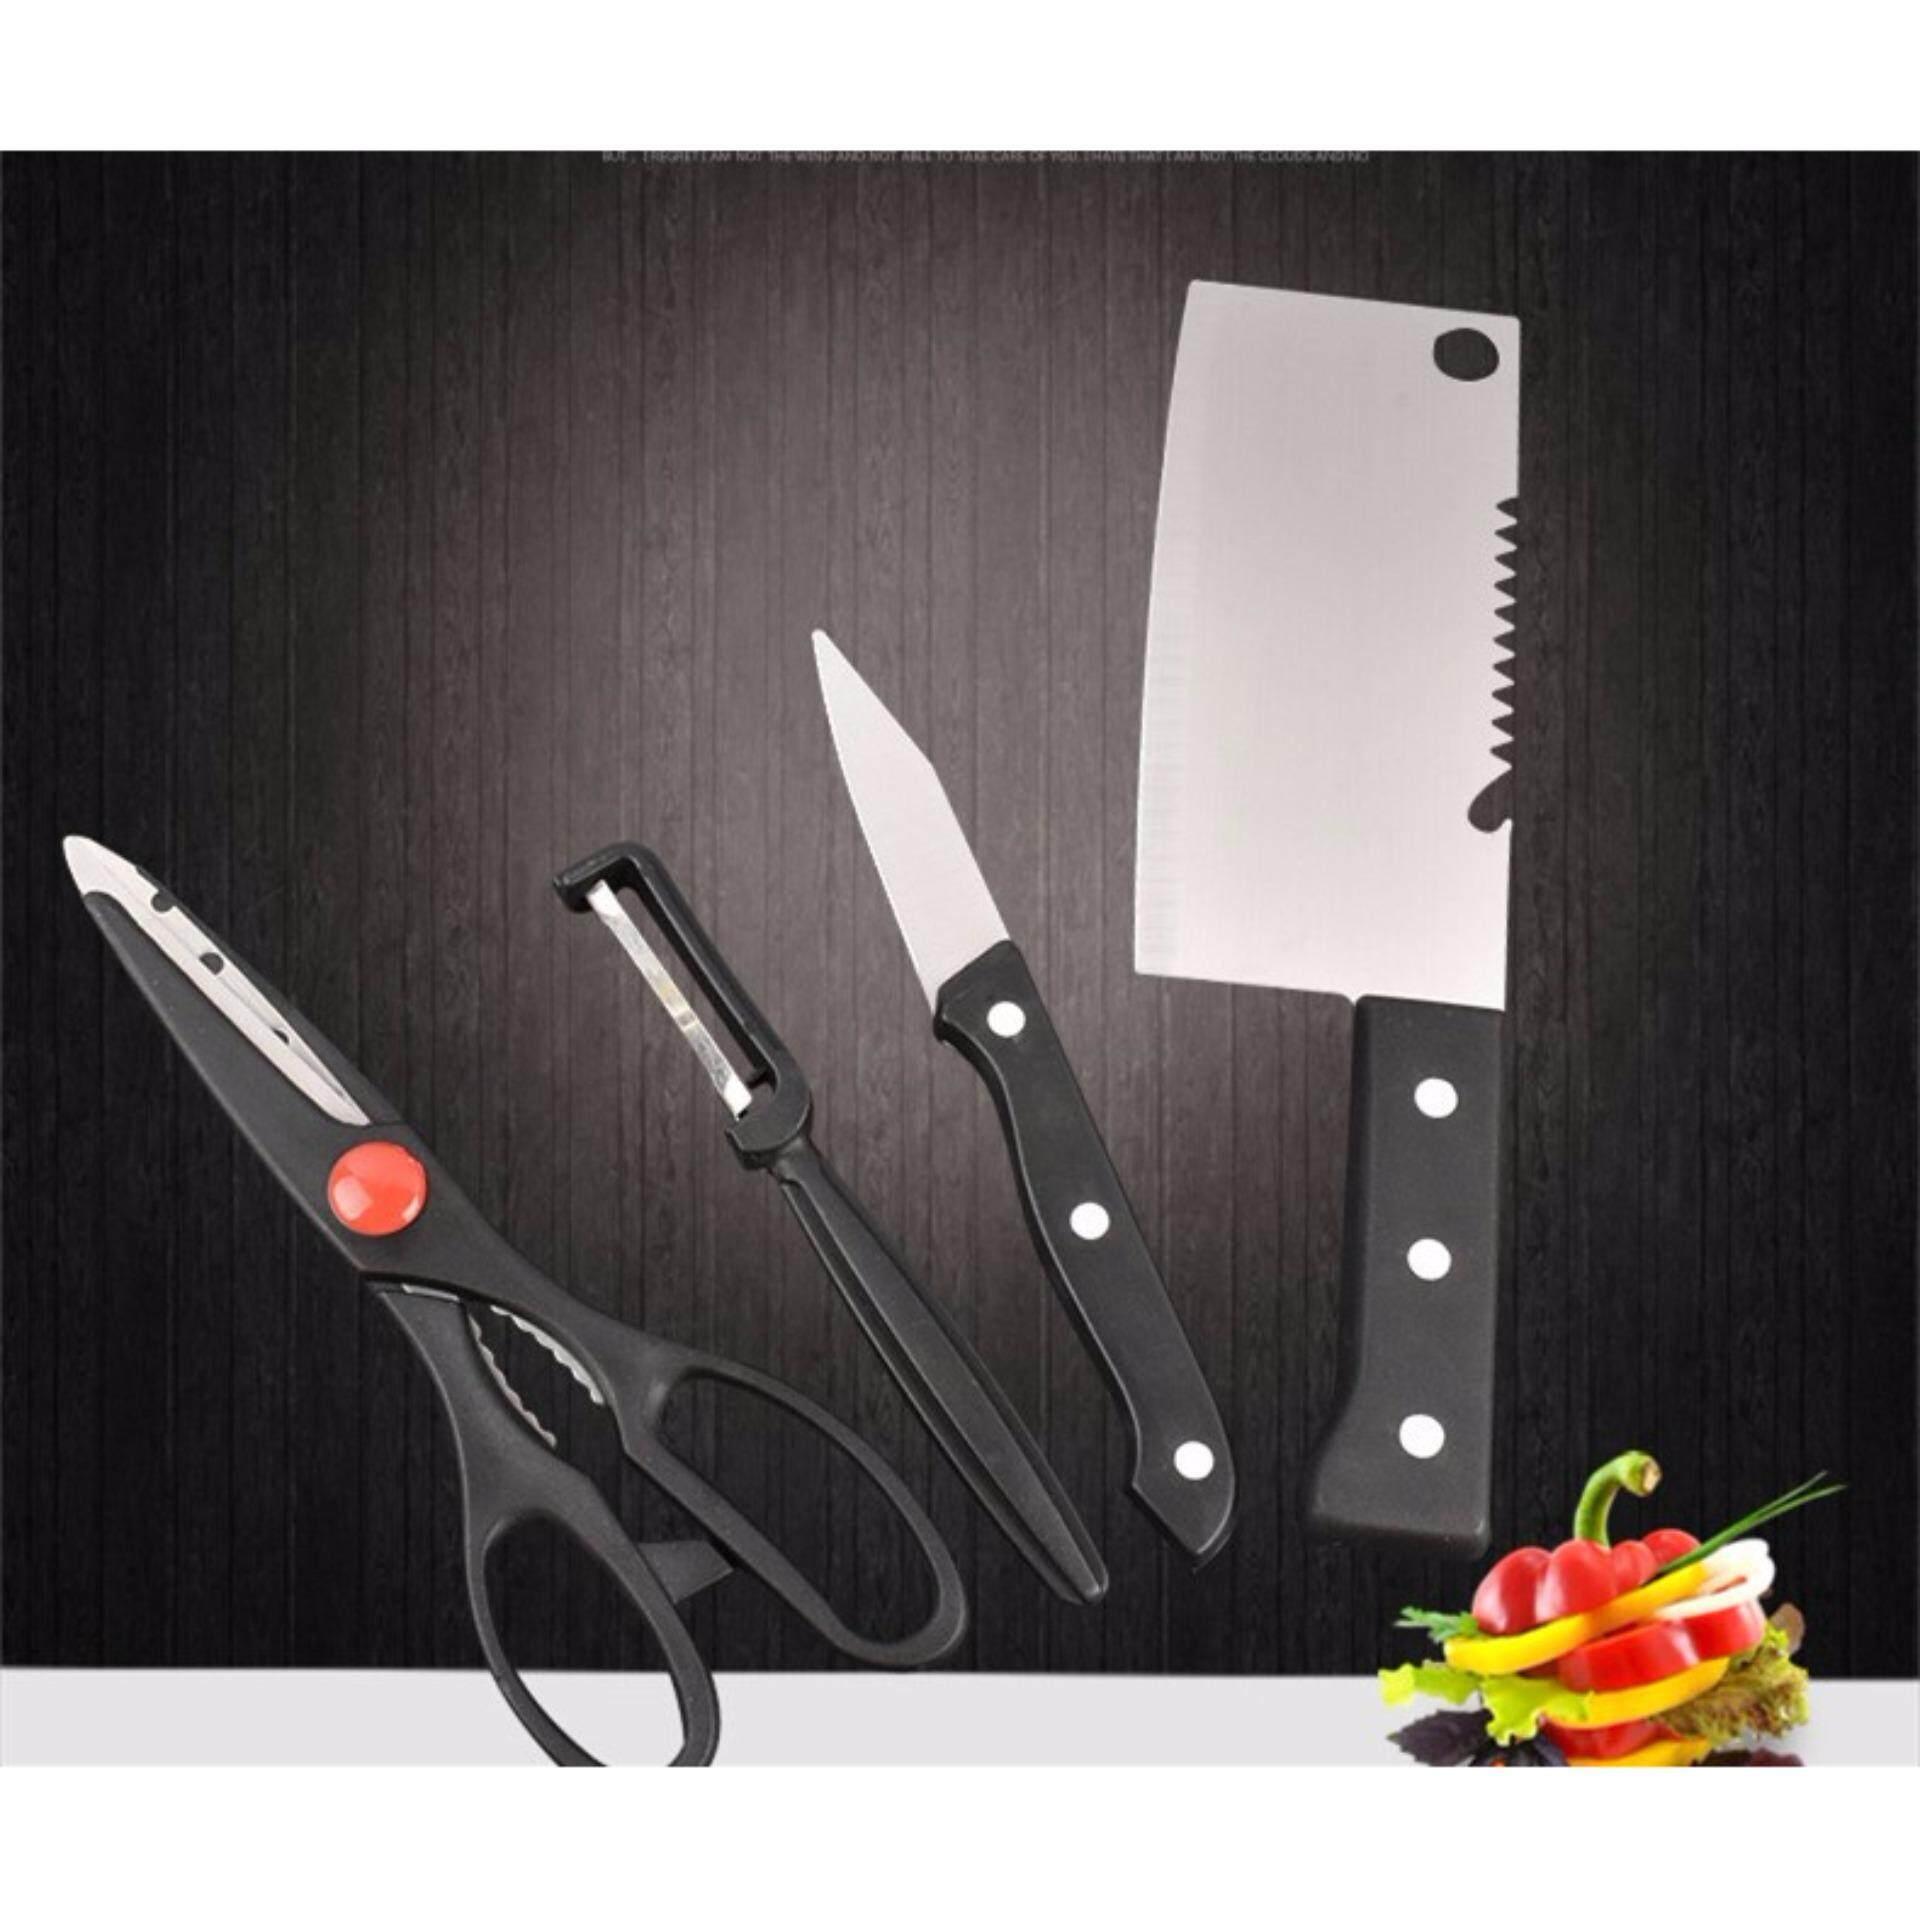 SOKANO set of 4 Stainless Steel Kitchen Dapur Knife Set Kitchen Utensil